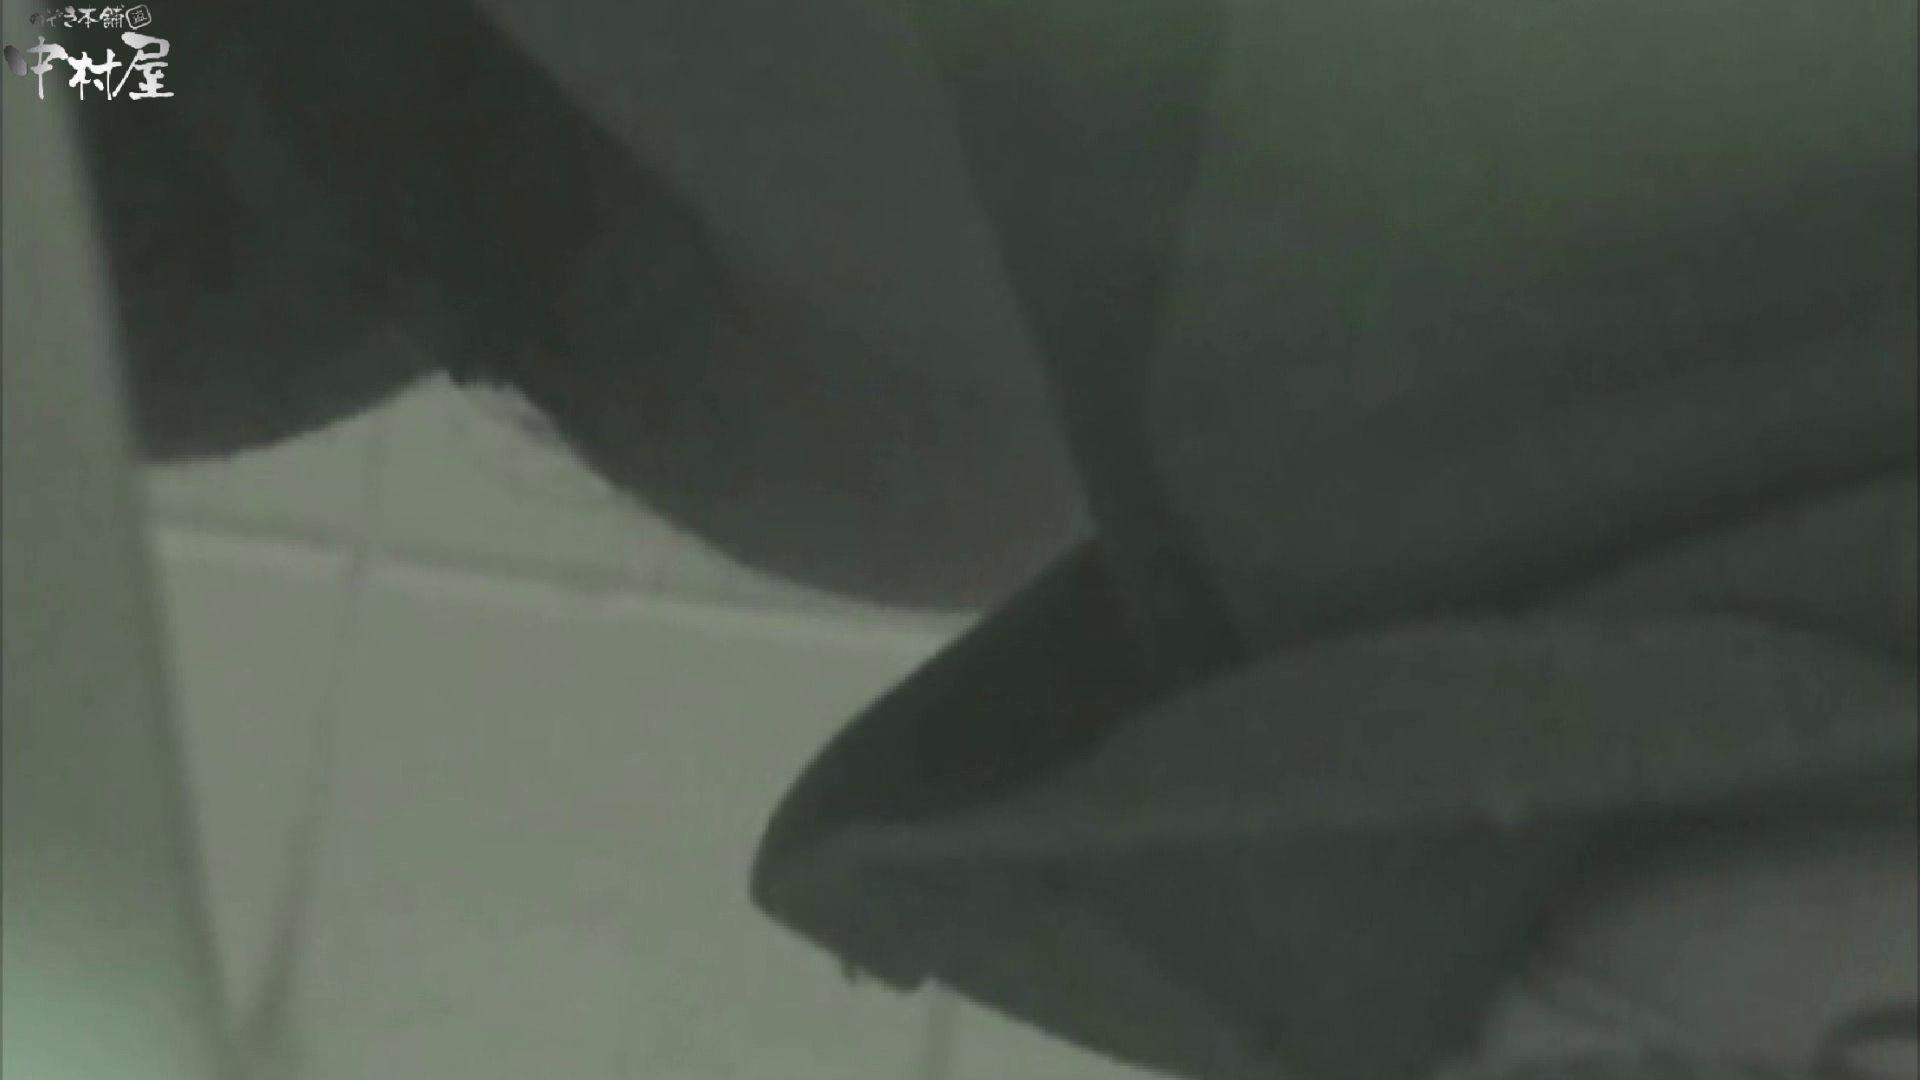 解禁!海の家4カメ洗面所vol.09 ギャルのエロ動画 濡れ場動画紹介 97PIX 32